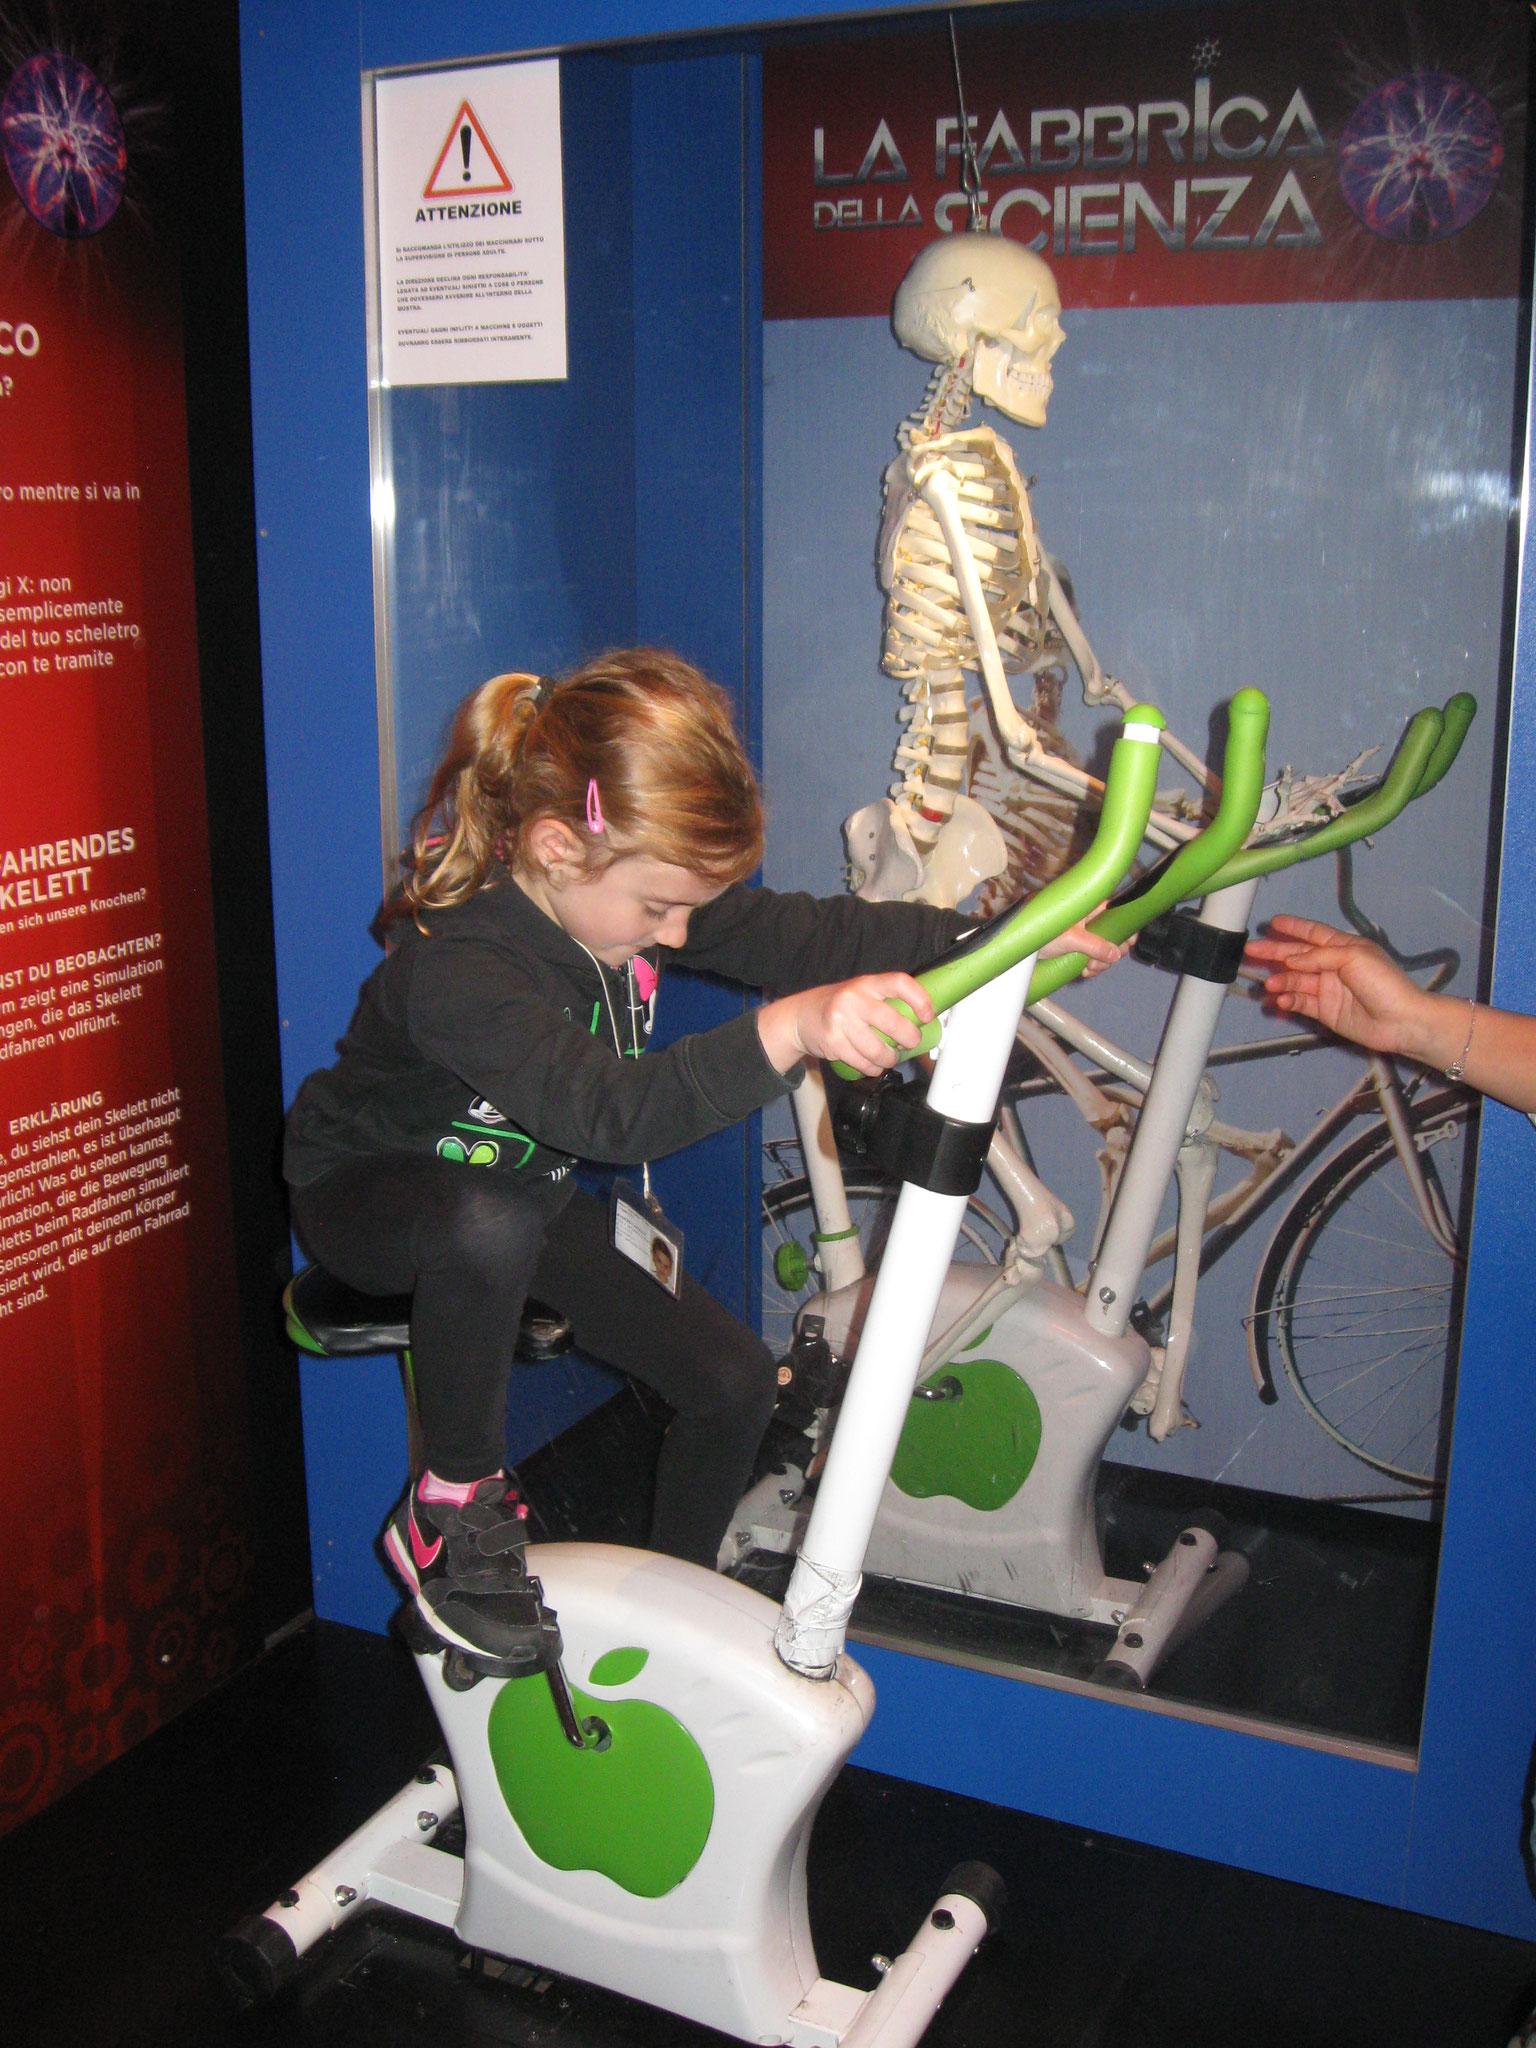 Ciclista scheletrico: come si muovono le nostra ossa?